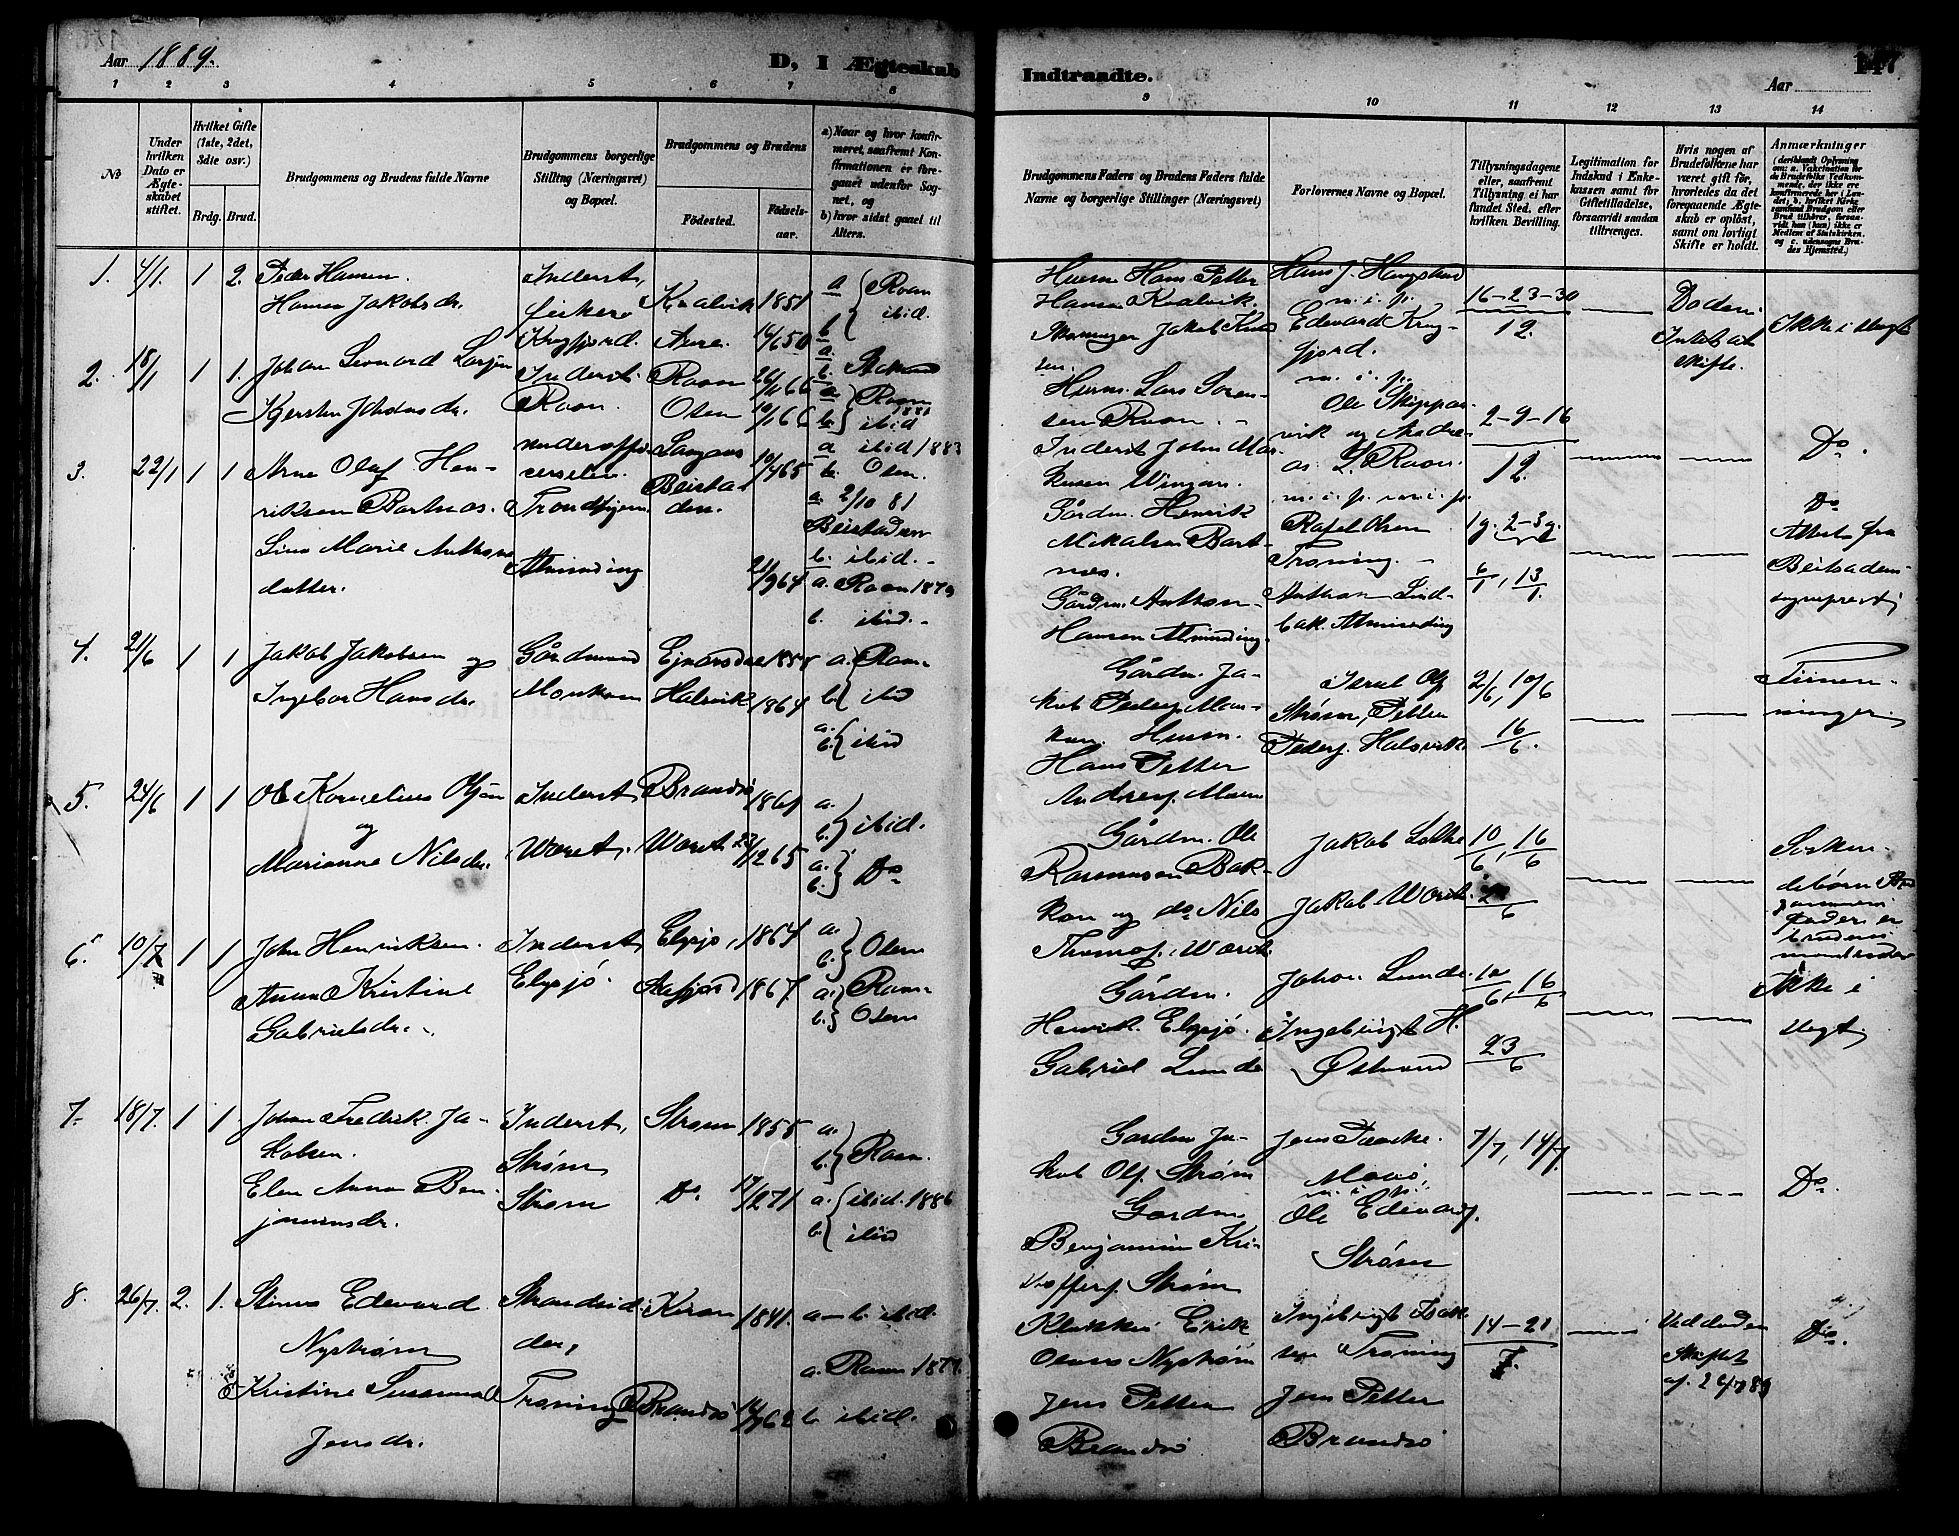 SAT, Ministerialprotokoller, klokkerbøker og fødselsregistre - Sør-Trøndelag, 657/L0716: Klokkerbok nr. 657C03, 1889-1904, s. 147